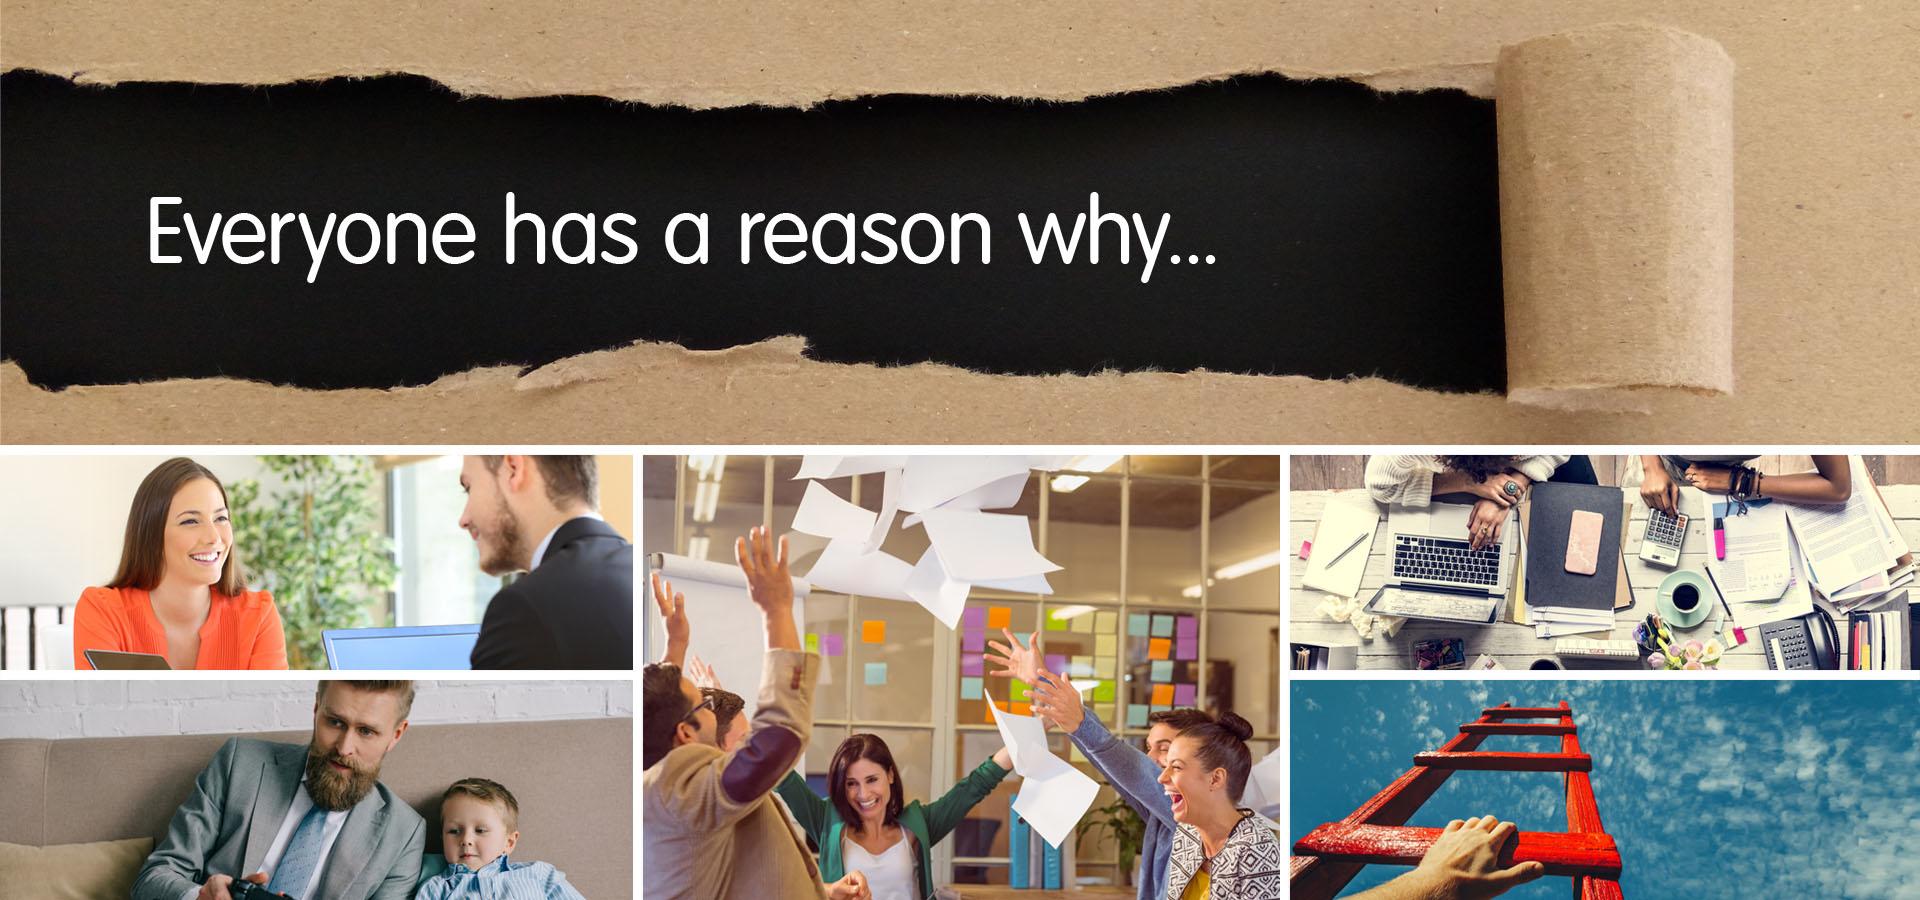 IMB Bank | Everyone has a reason why...